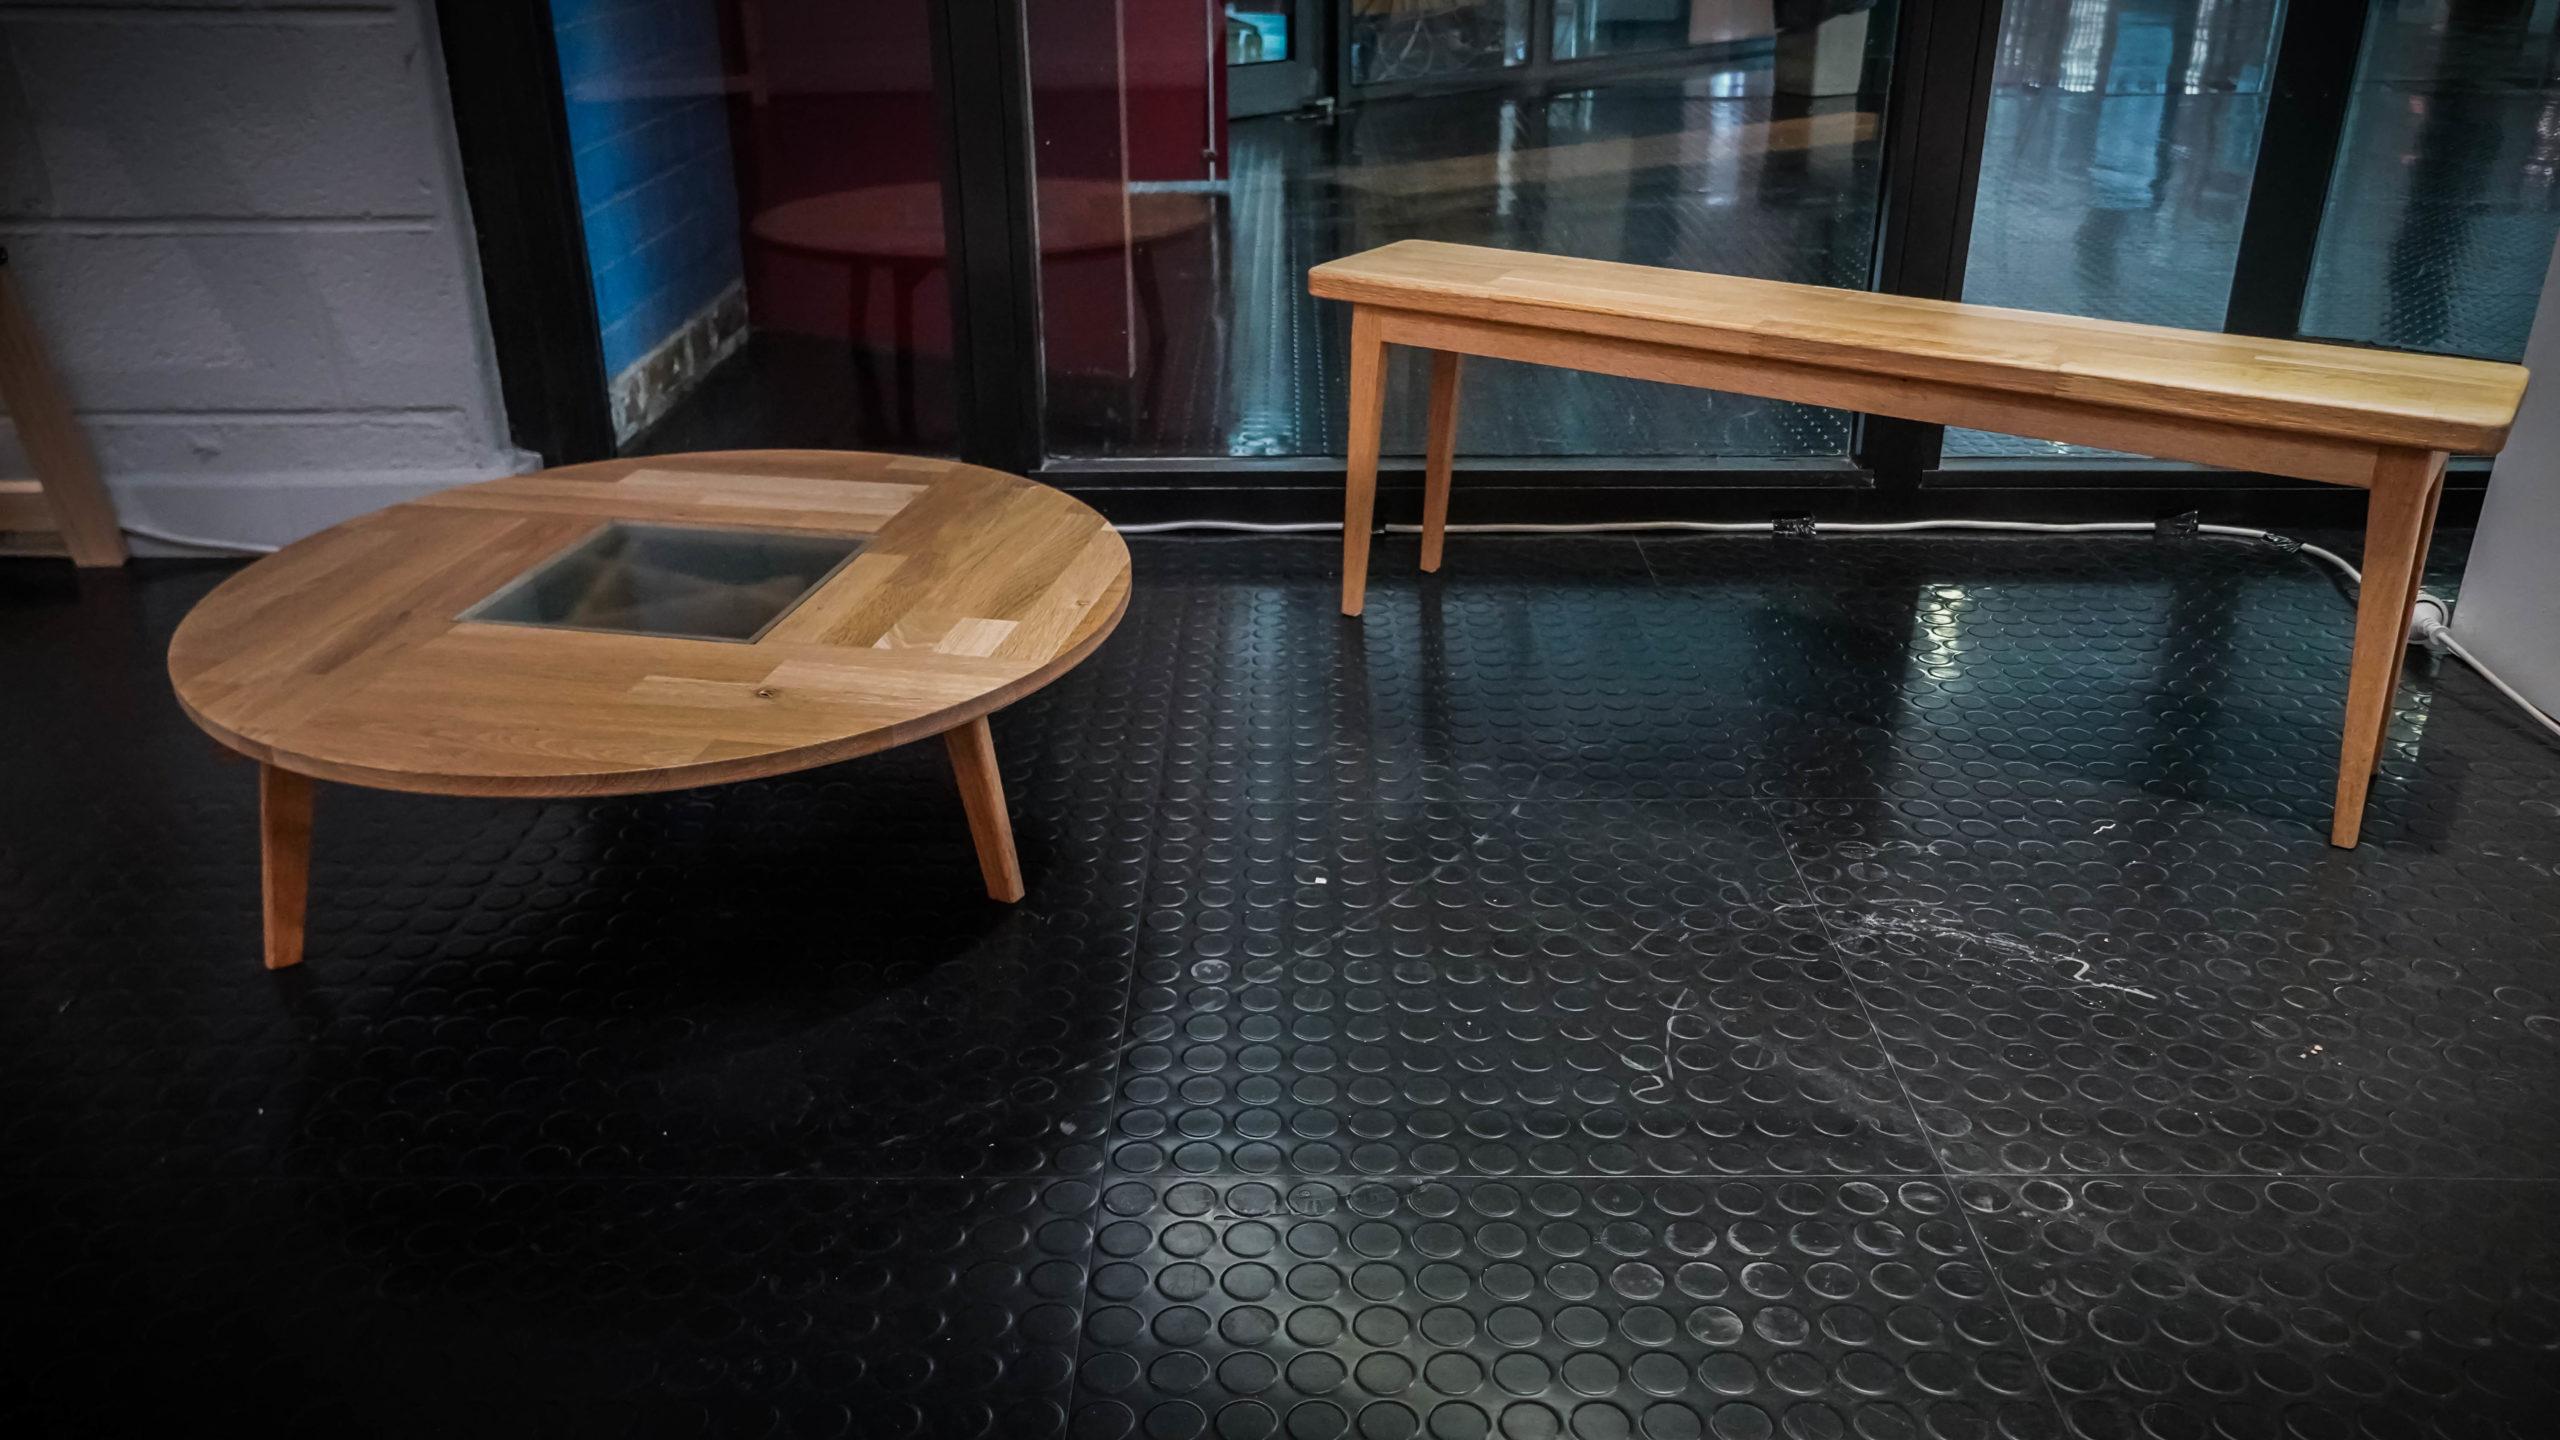 """""""Un banc, une table basse..."""" - Sébastien Frémont - Exposition """"Souvenirs Déconfinés"""" ENSAPL"""